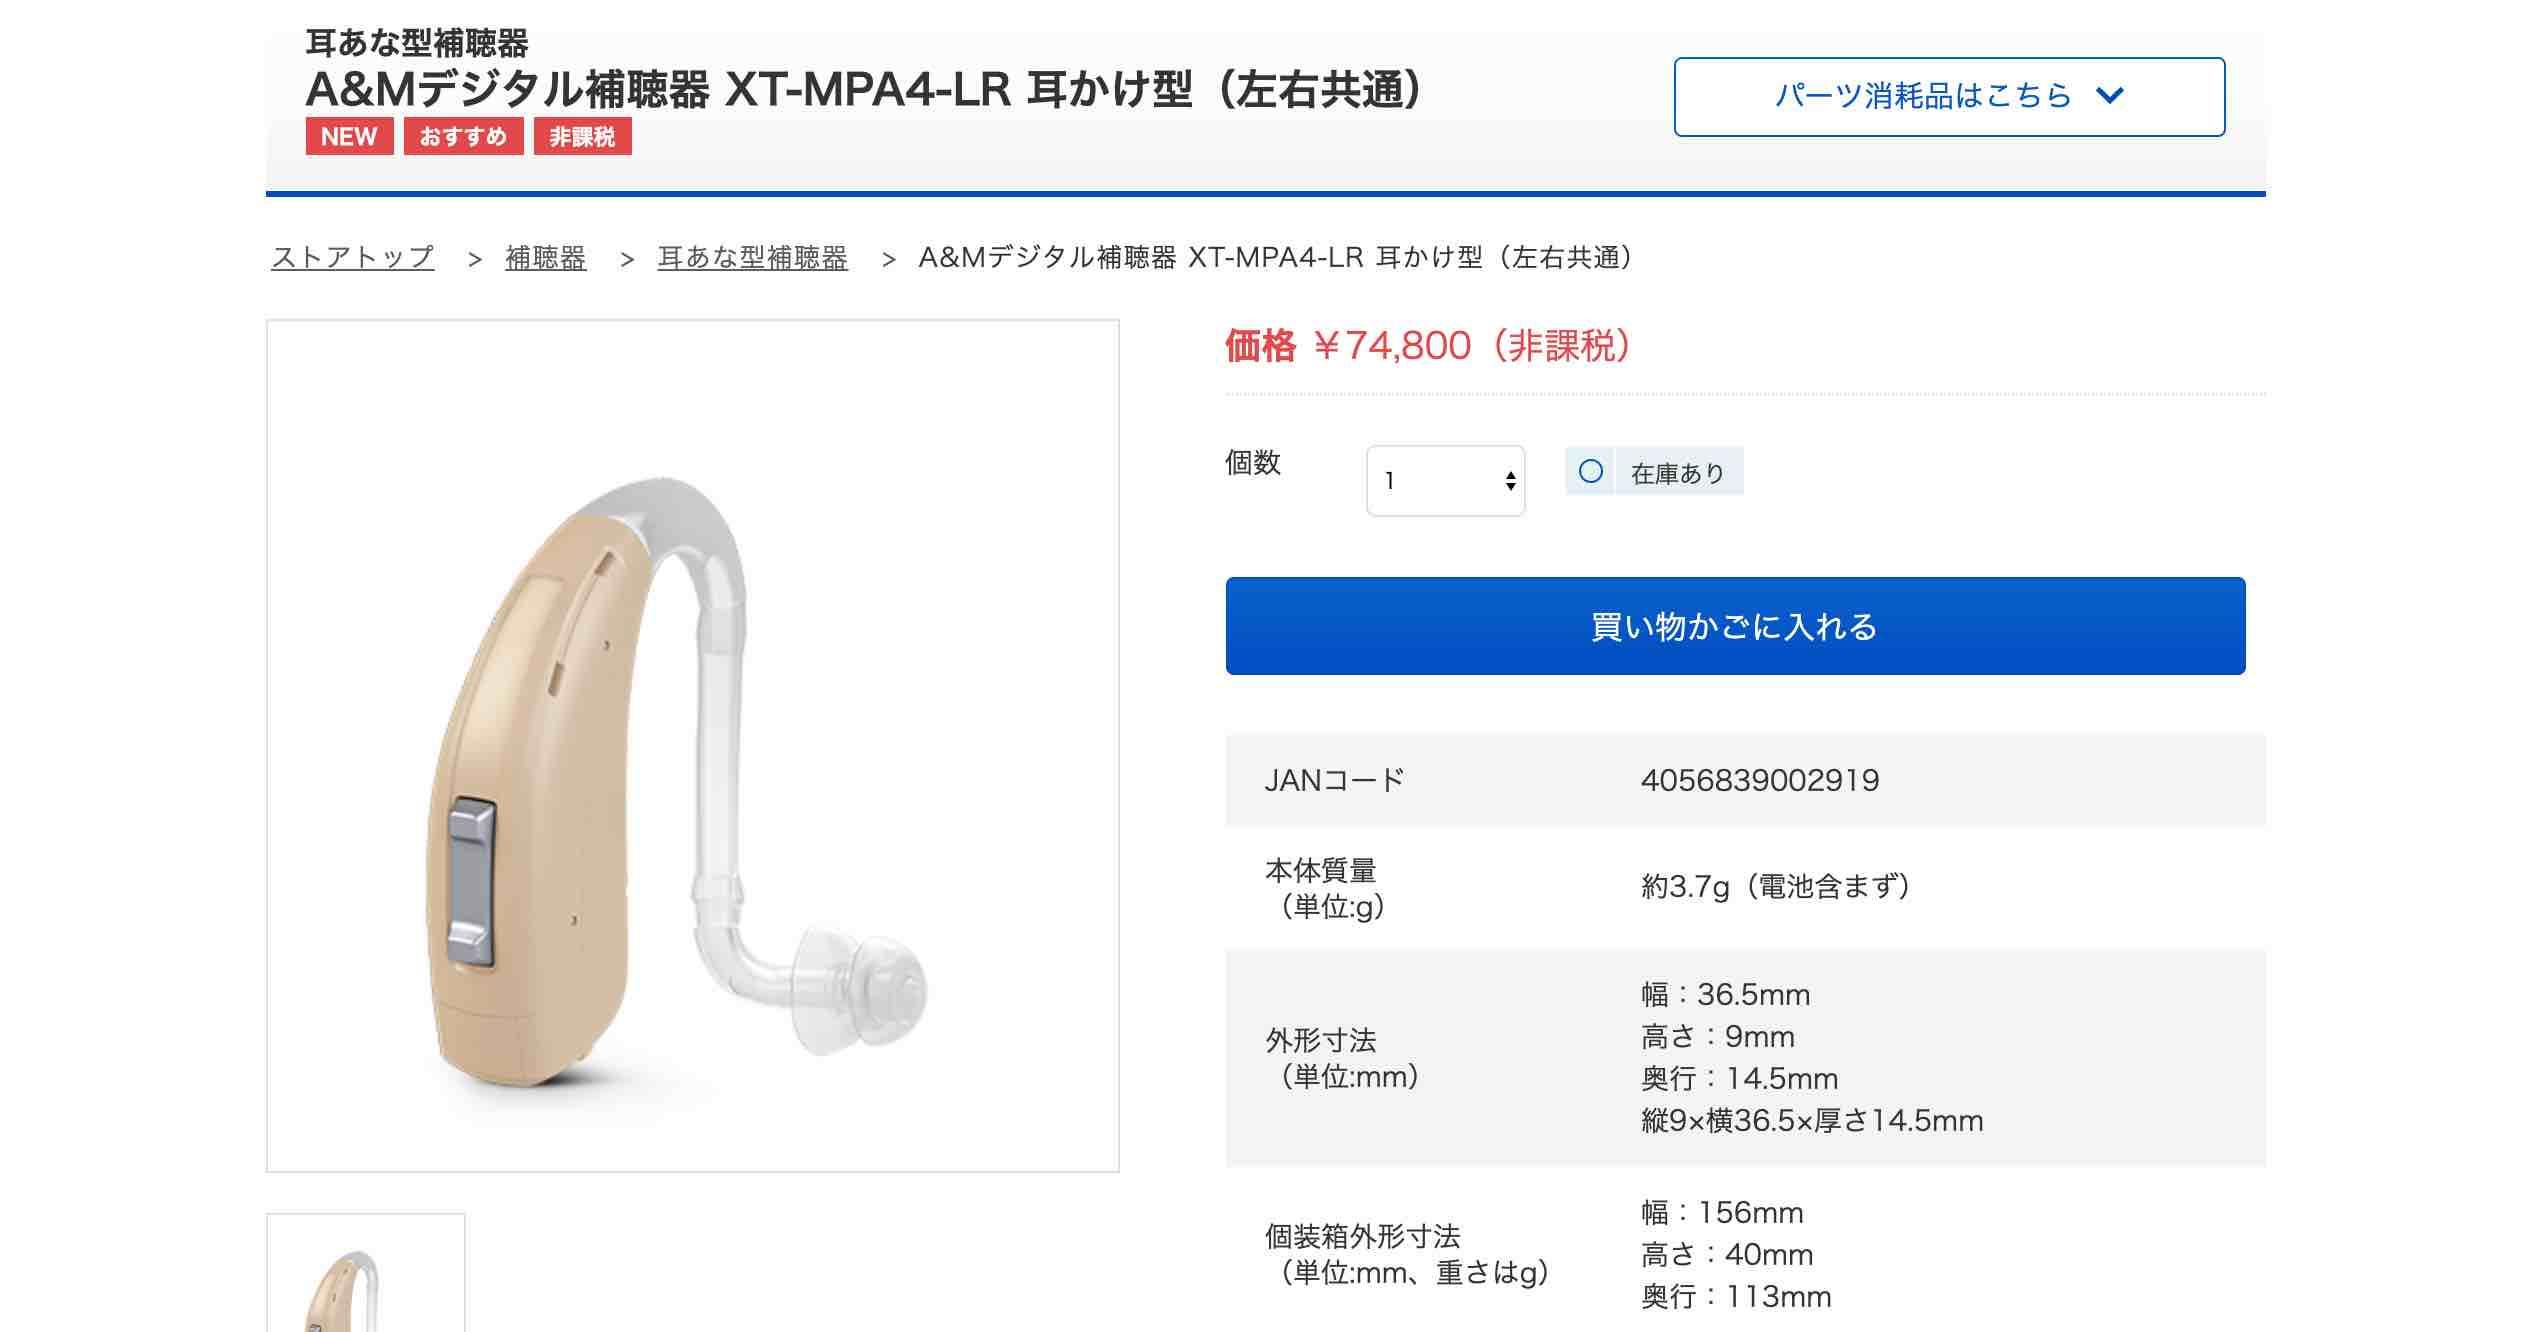 オムロンヘルスケア - https://store.healthcare.omron.co.jp/category/51/XT_MPA4_LR.html